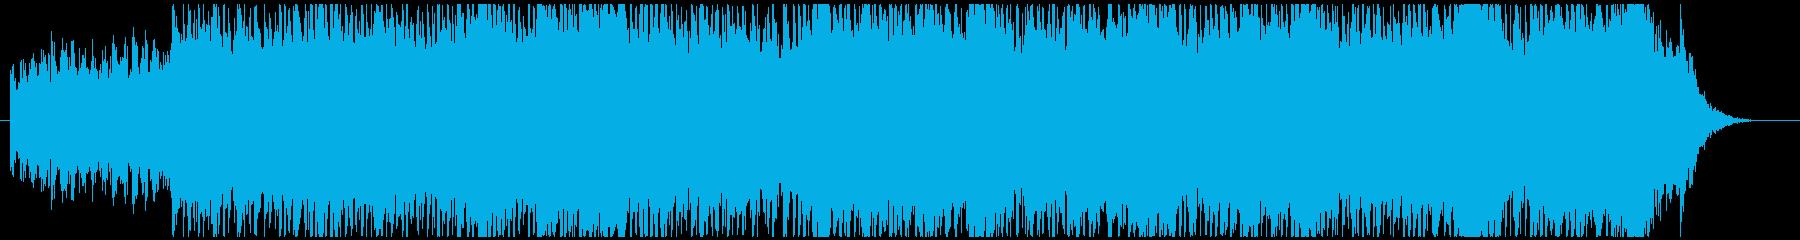 静かなピアノ・エレクトロニカの再生済みの波形